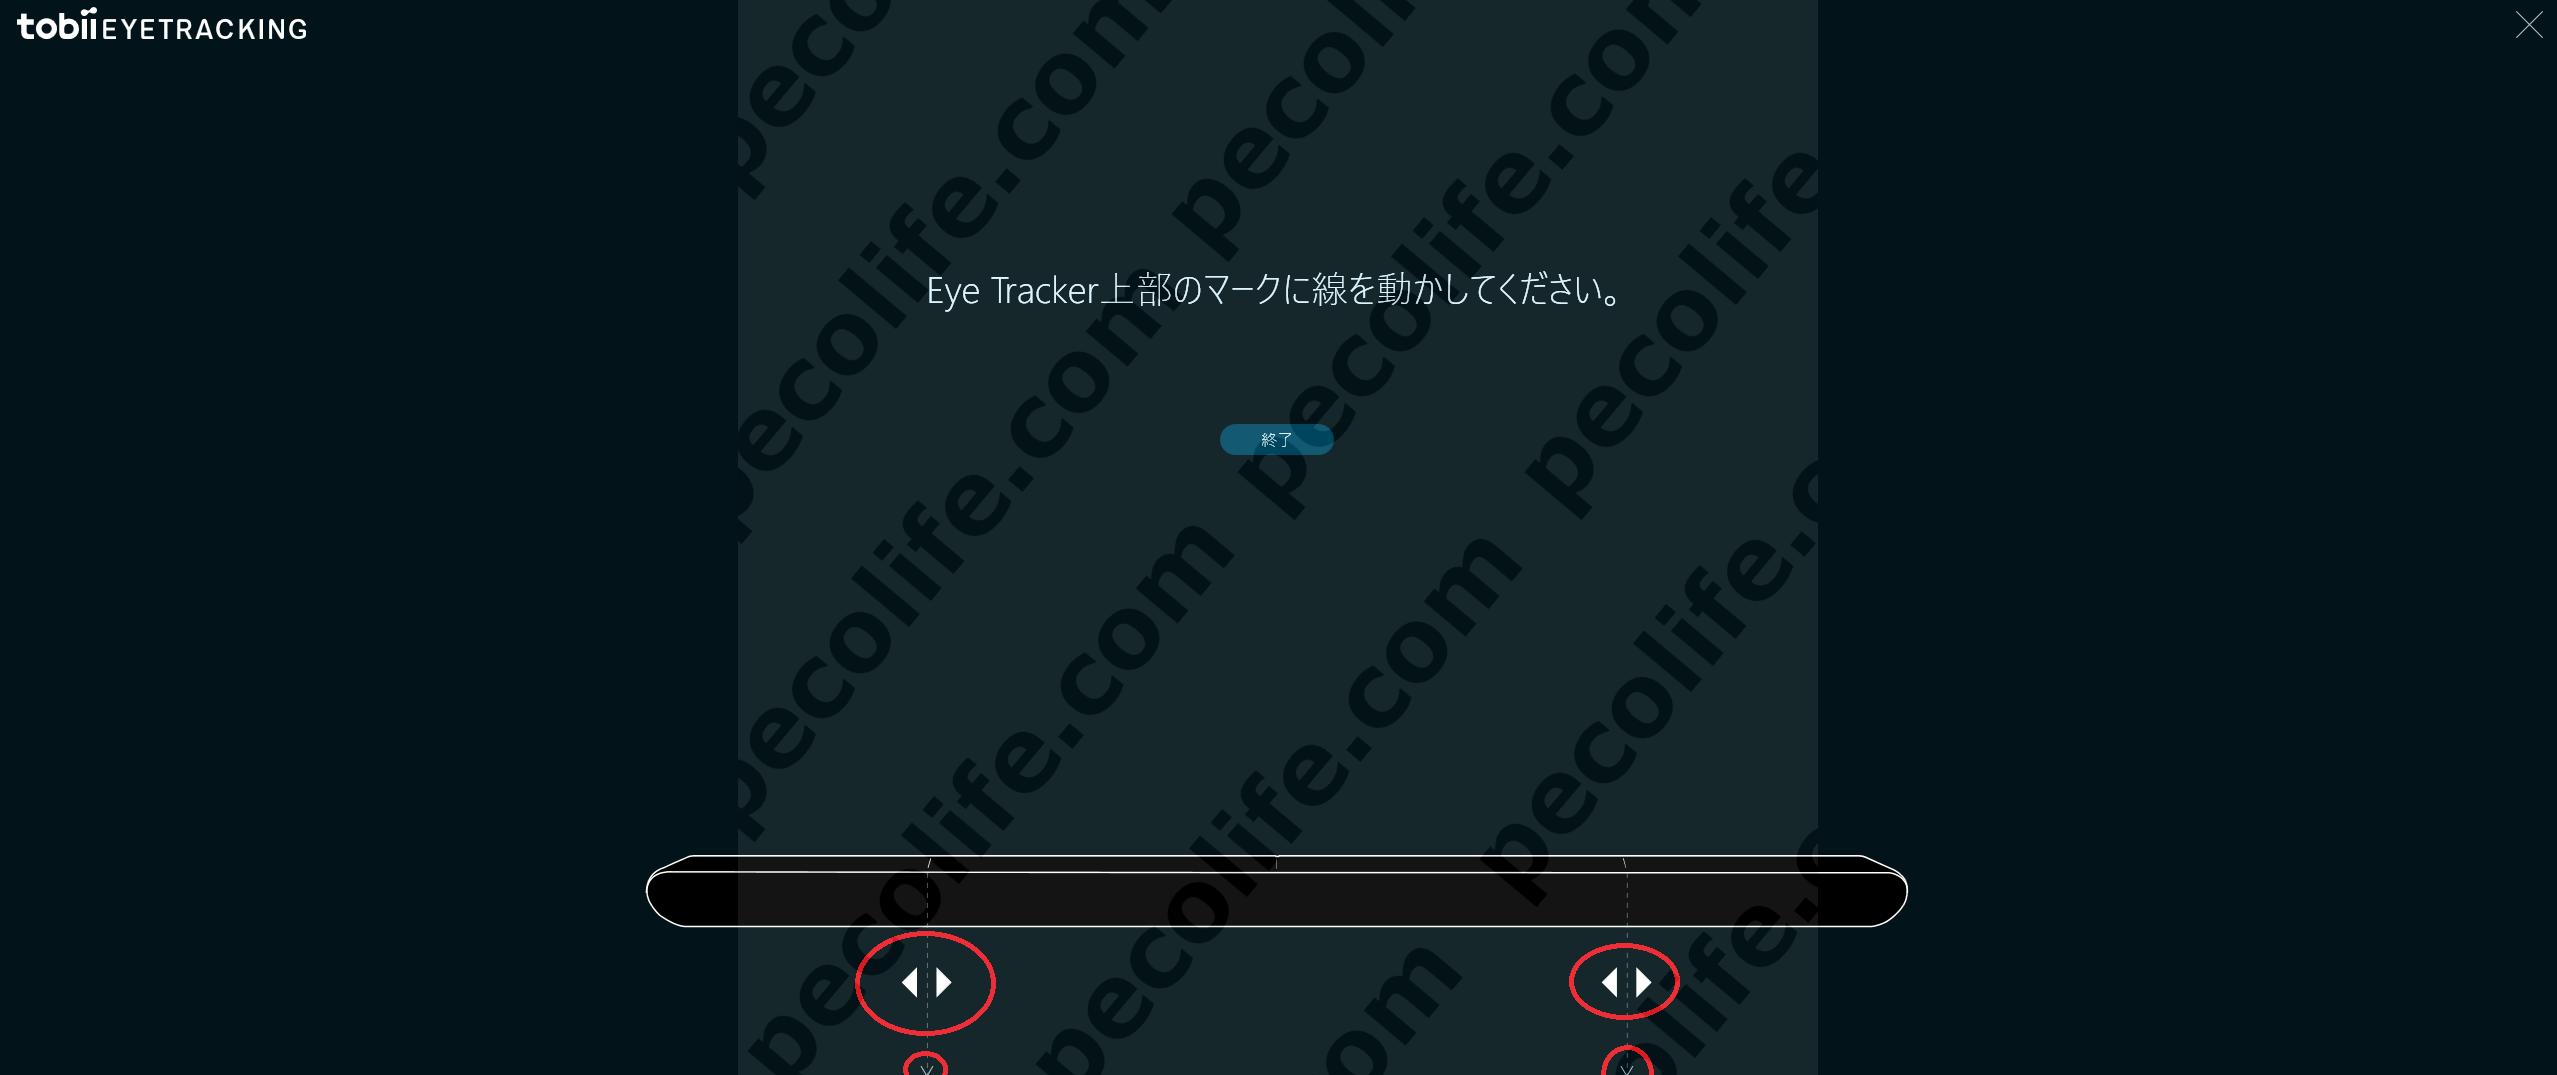 Tobii Eye Tracker 4Cセットアップ手順7